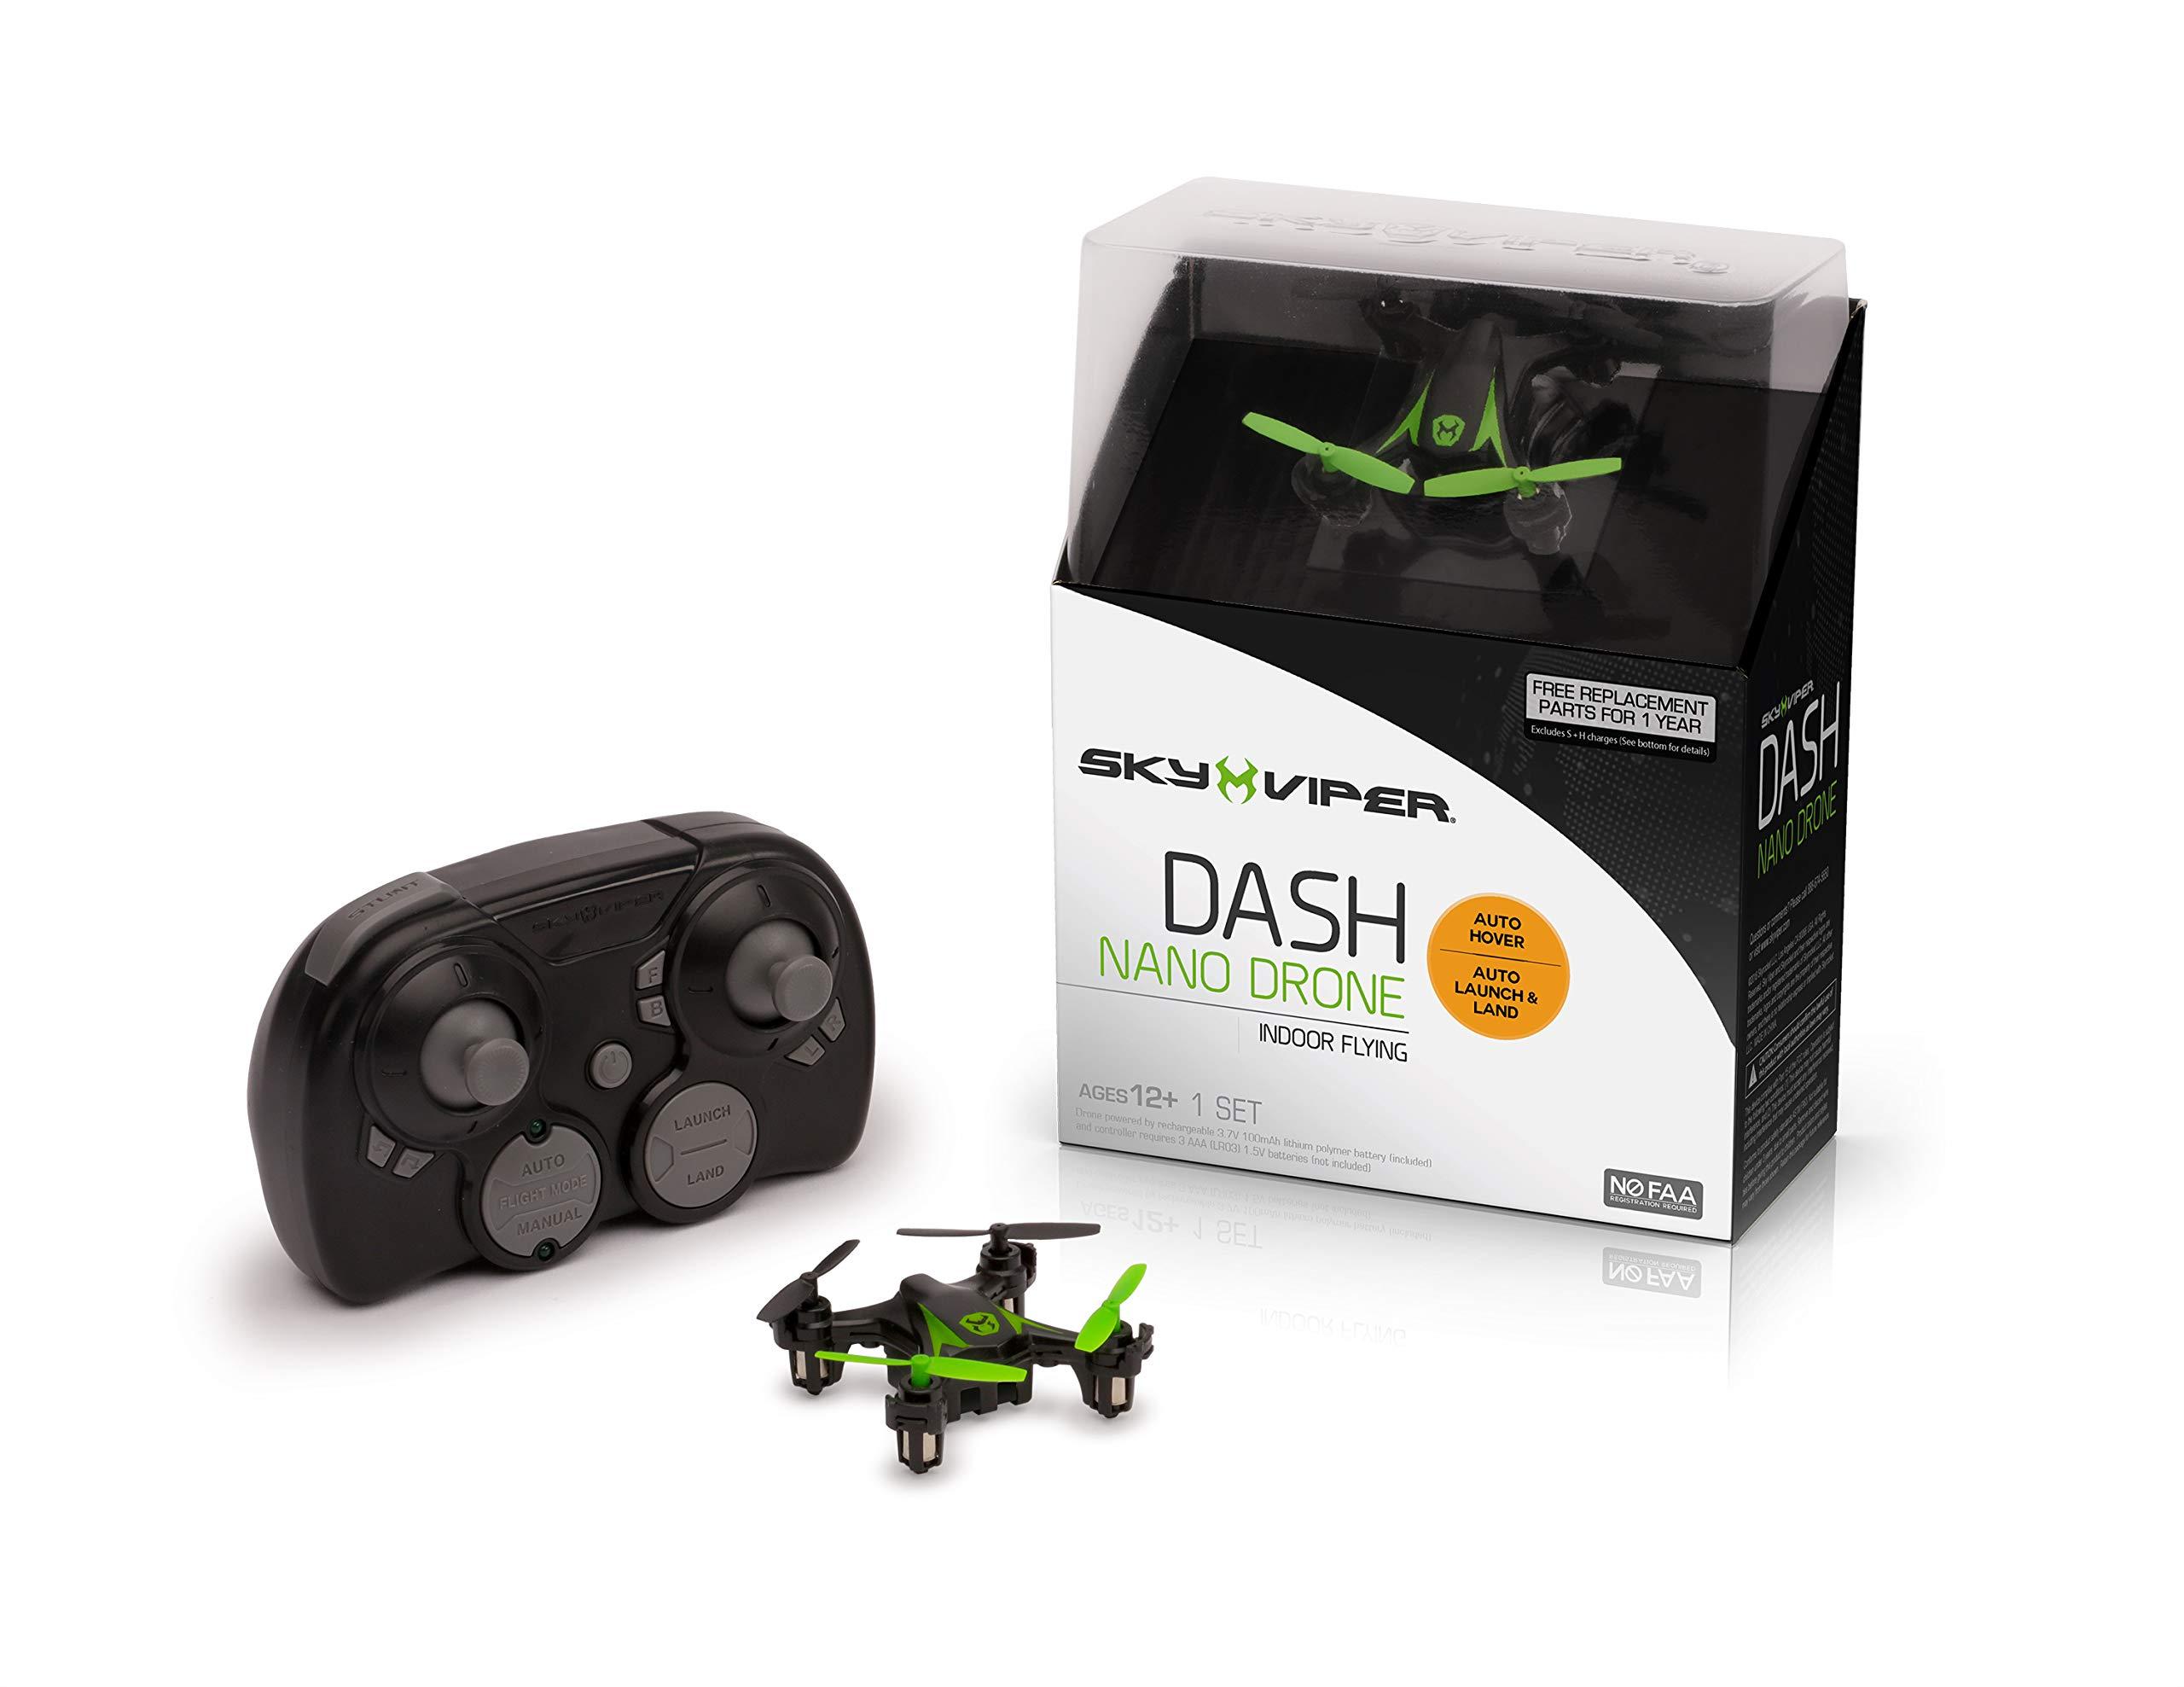 Sky Viper Dash Nano Drone by Sky Viper